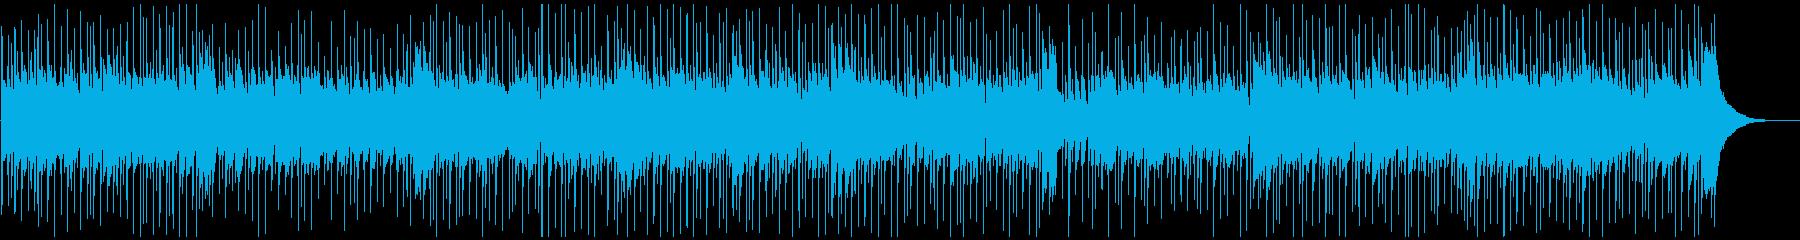 ほのぼのカントリーバラードの再生済みの波形